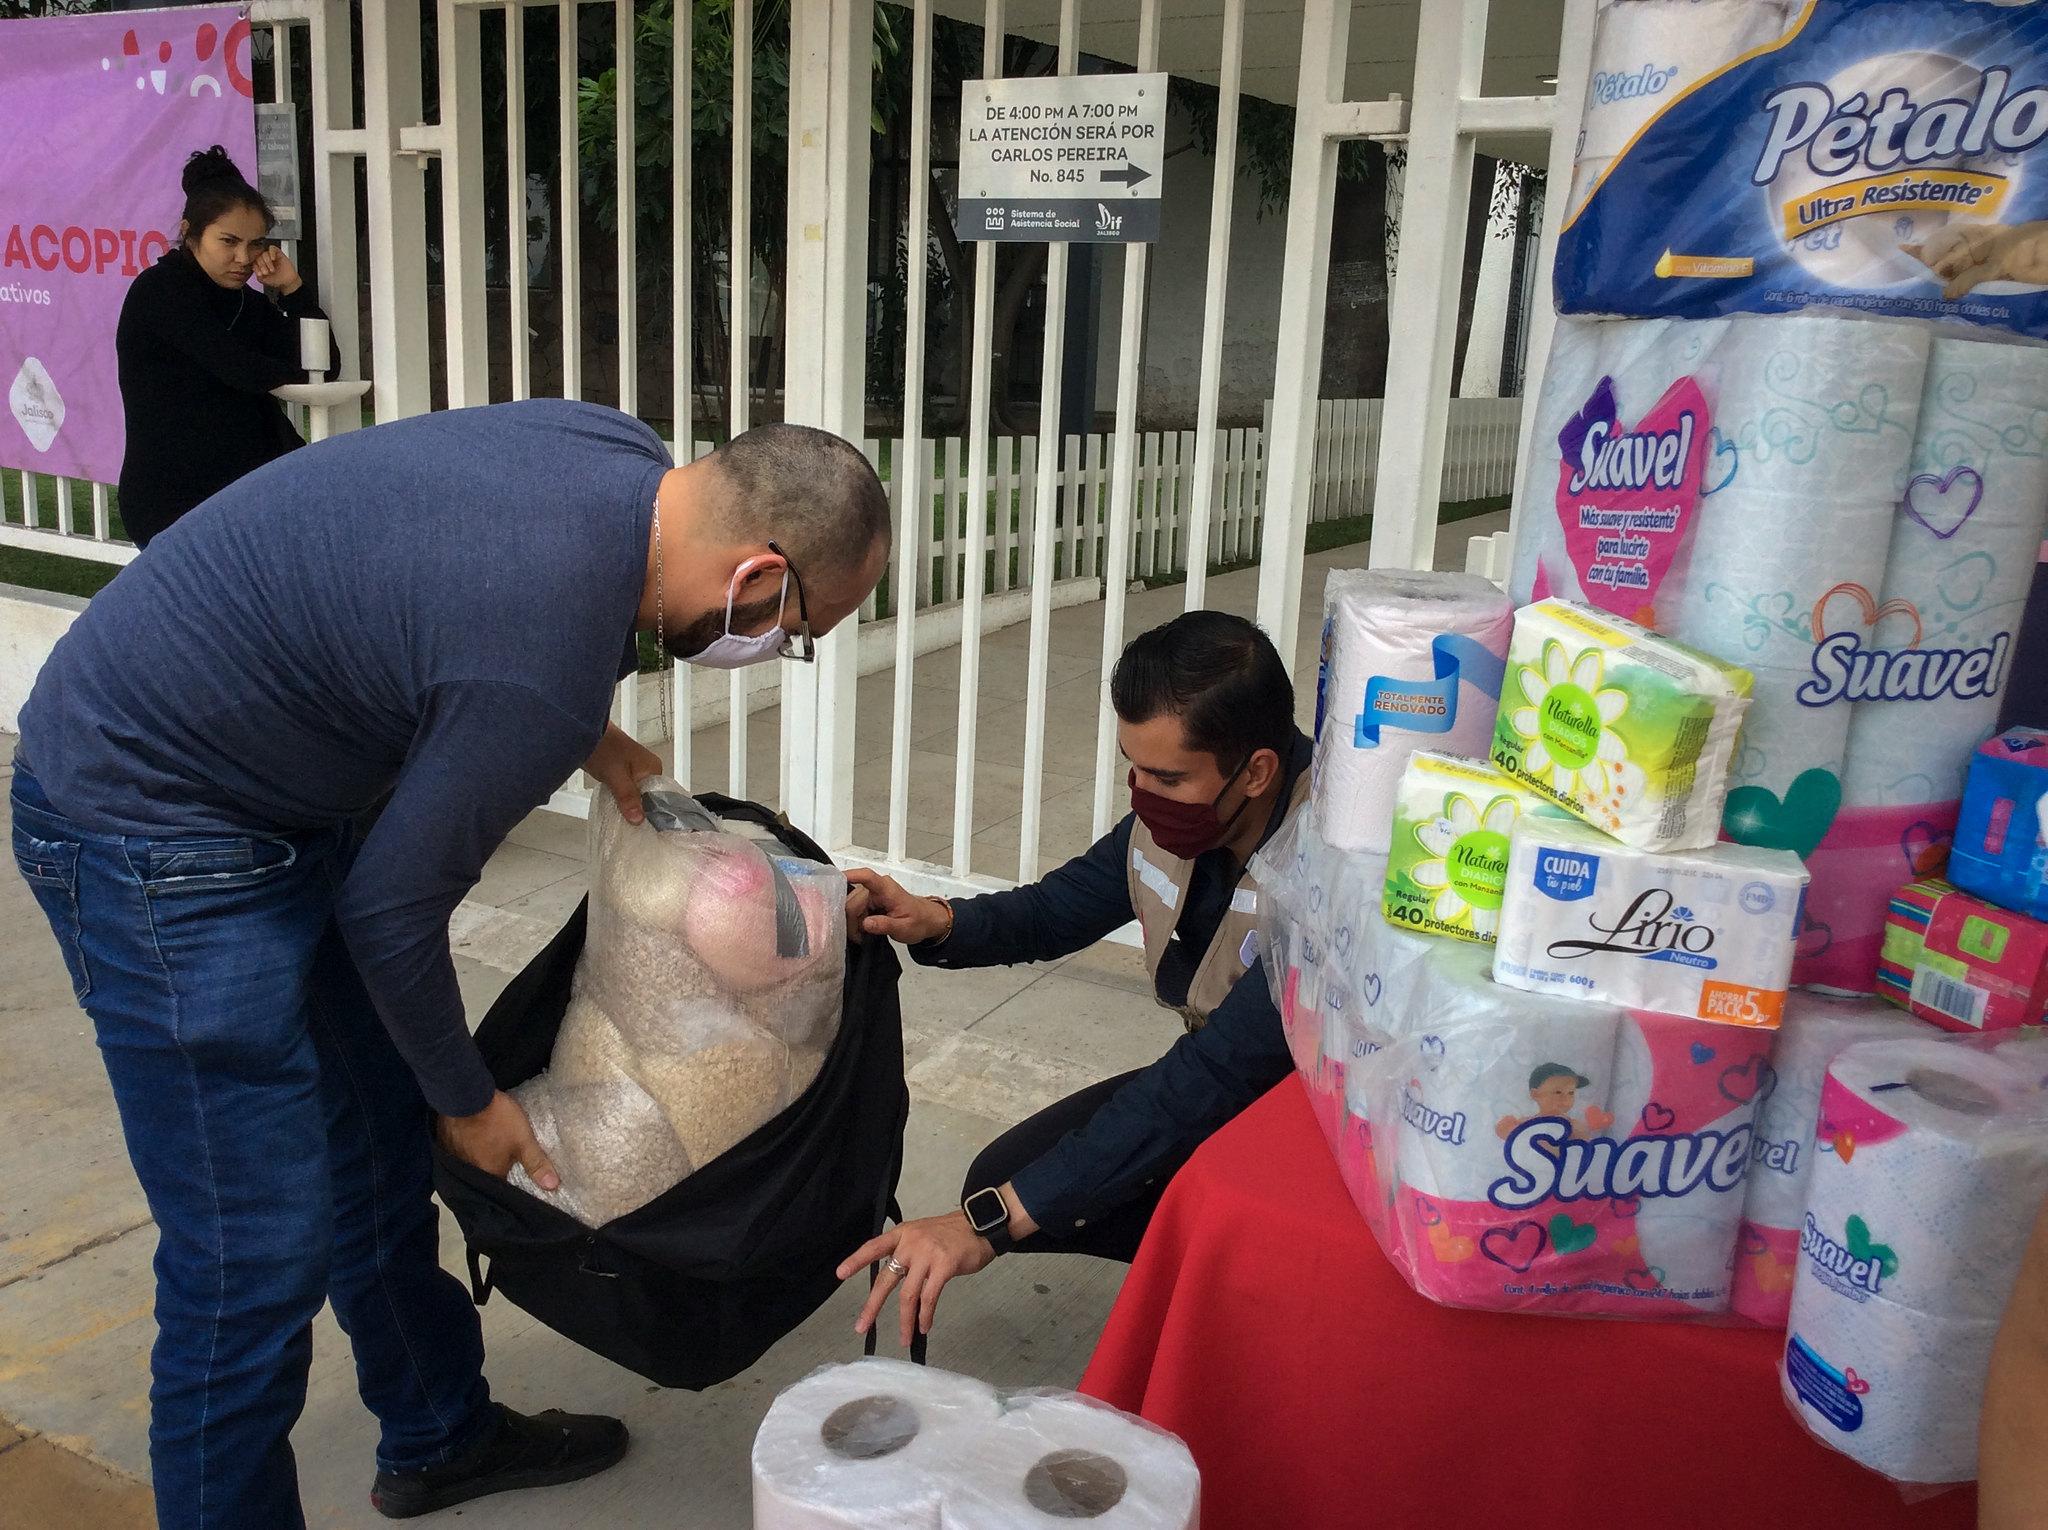 Donativos en especie recibidos en Centro de Acopio